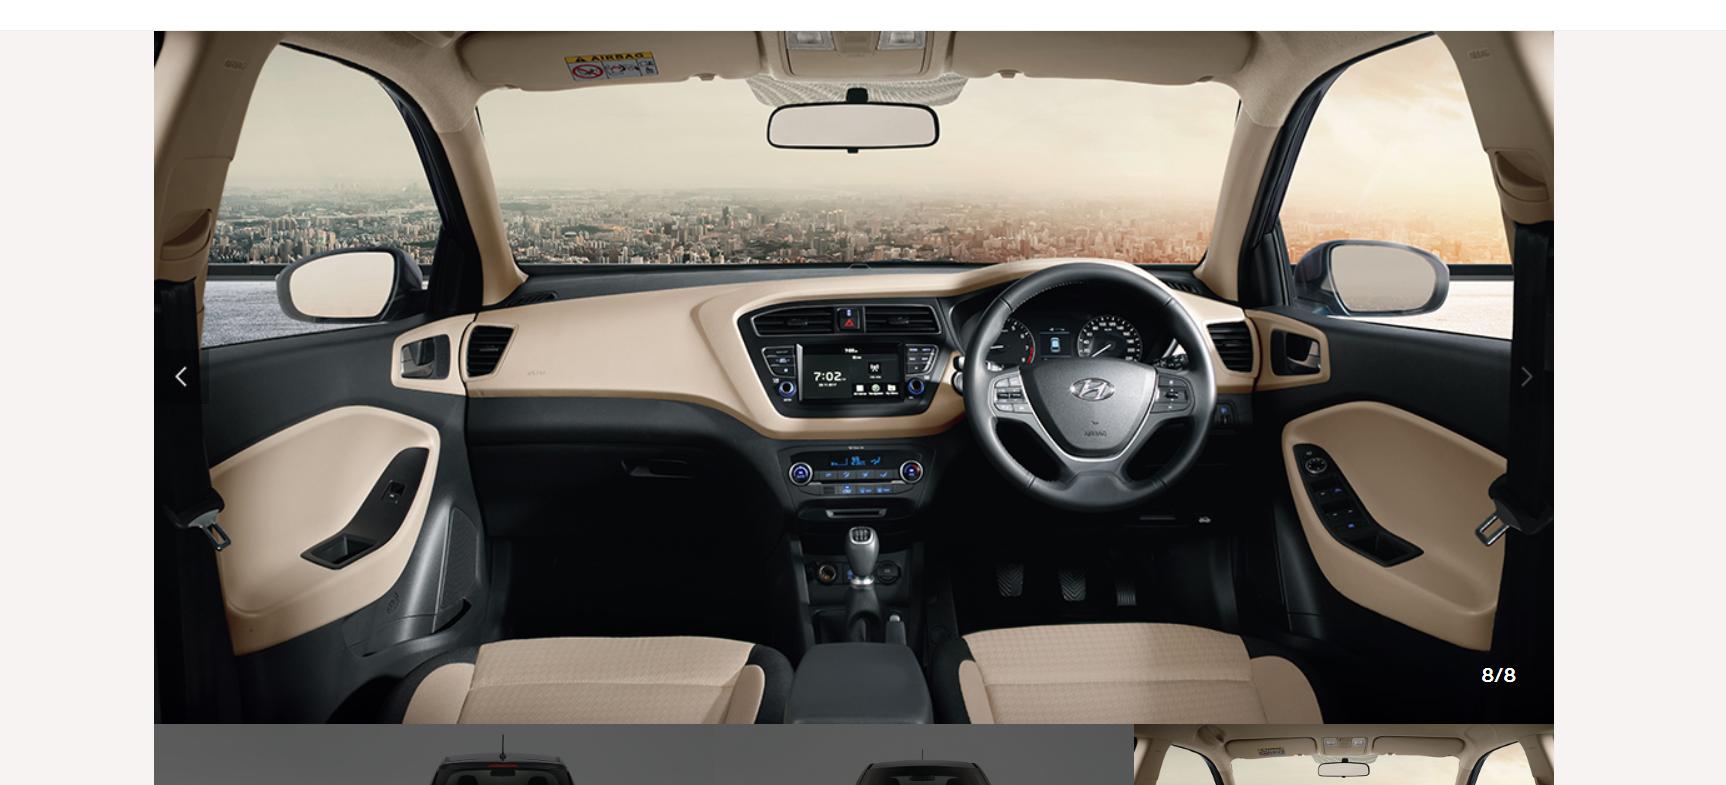 Hyundai i20 2020 specifications